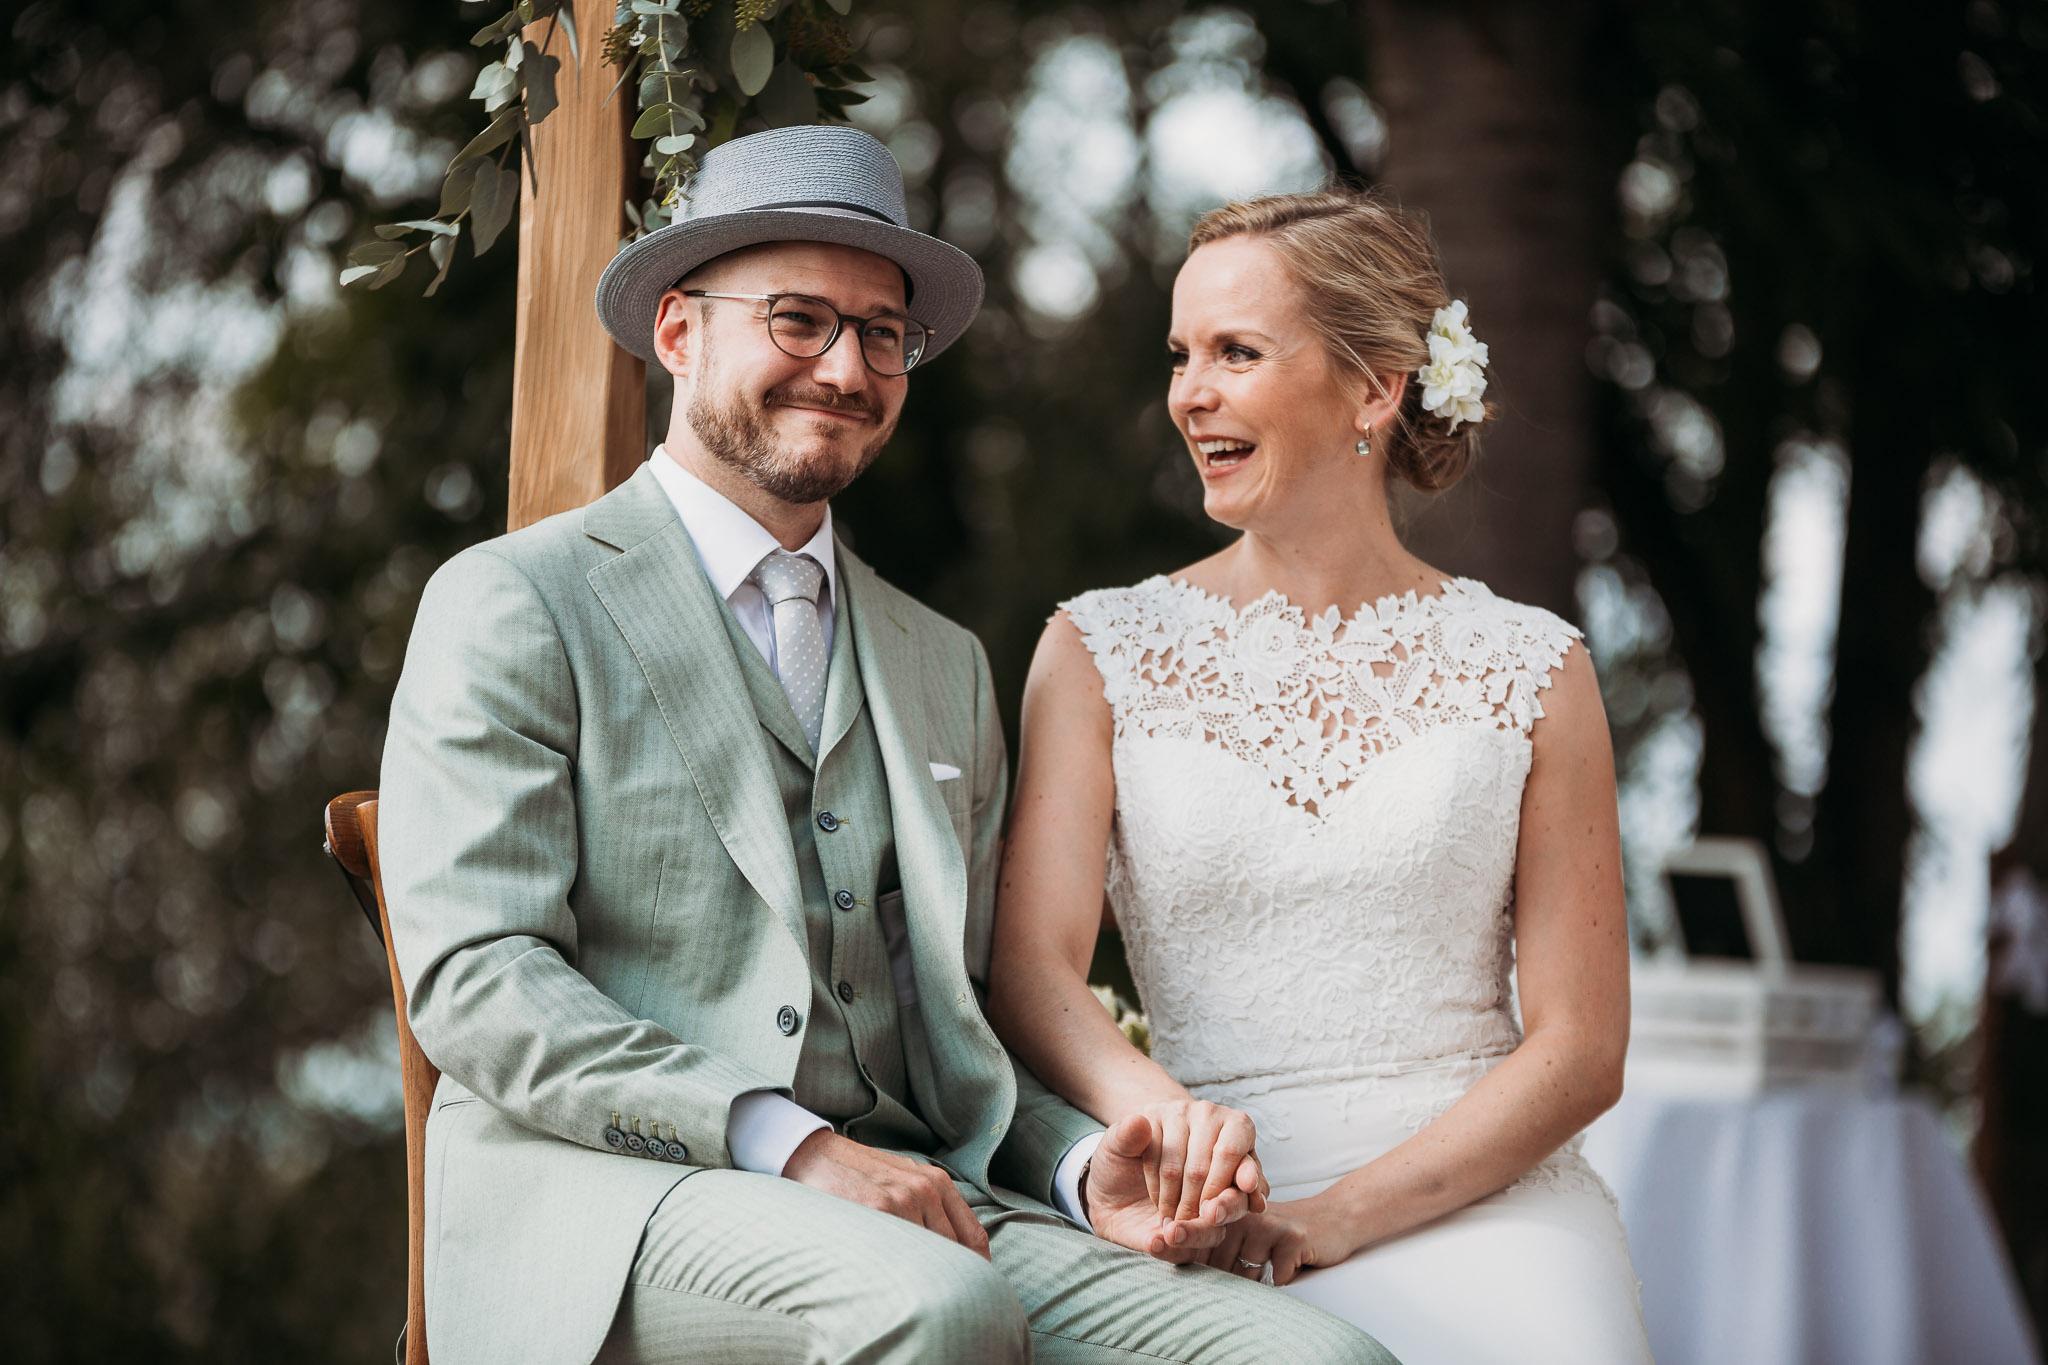 Happy bride and groom at their wedding ceremony at La Villa Hotel, Mombaruzzo